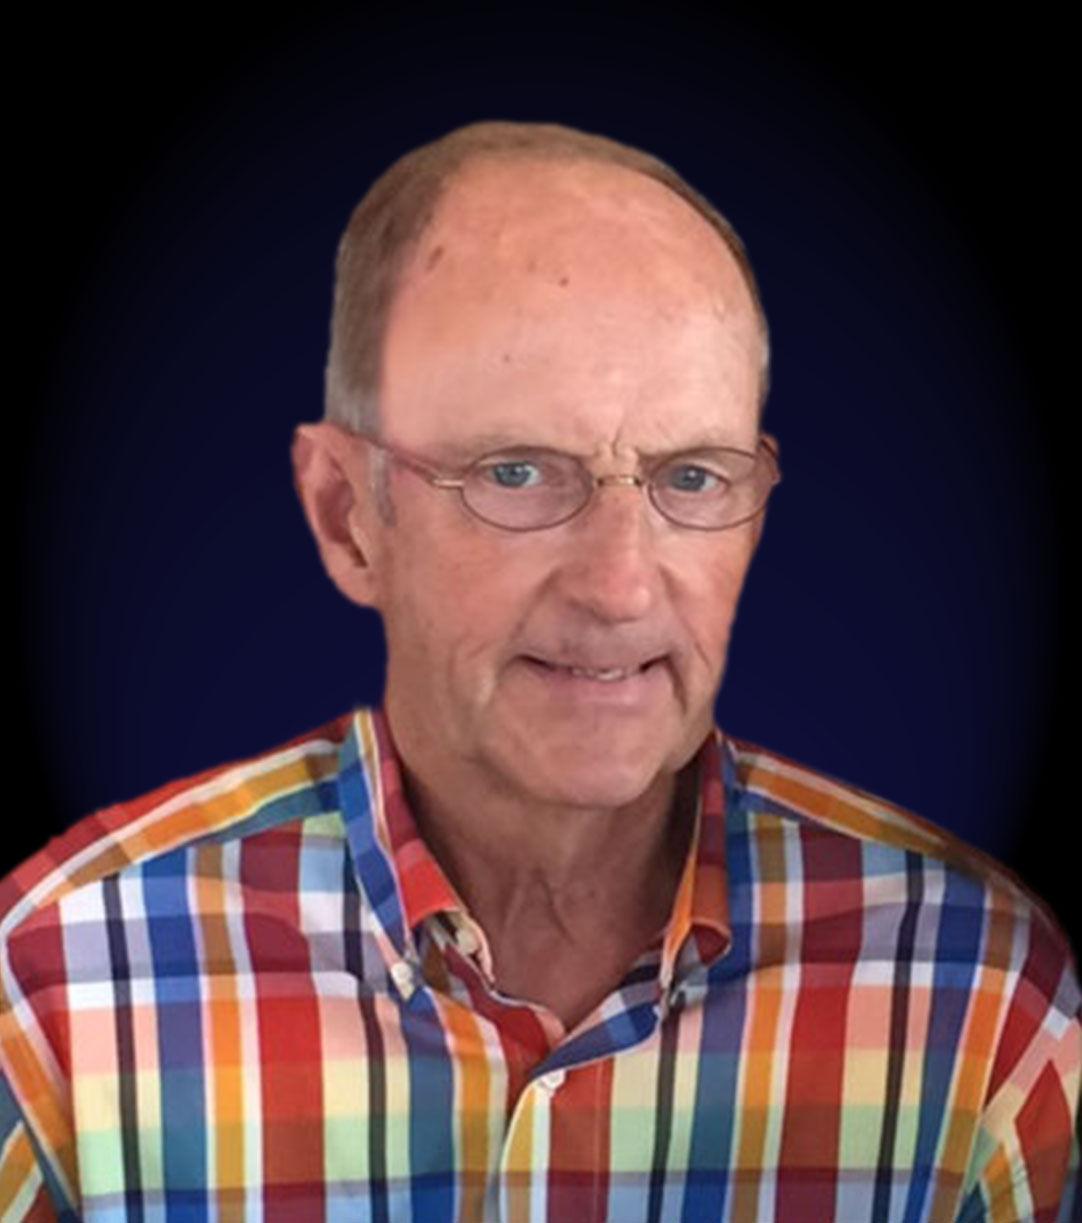 Dave L. Keyser